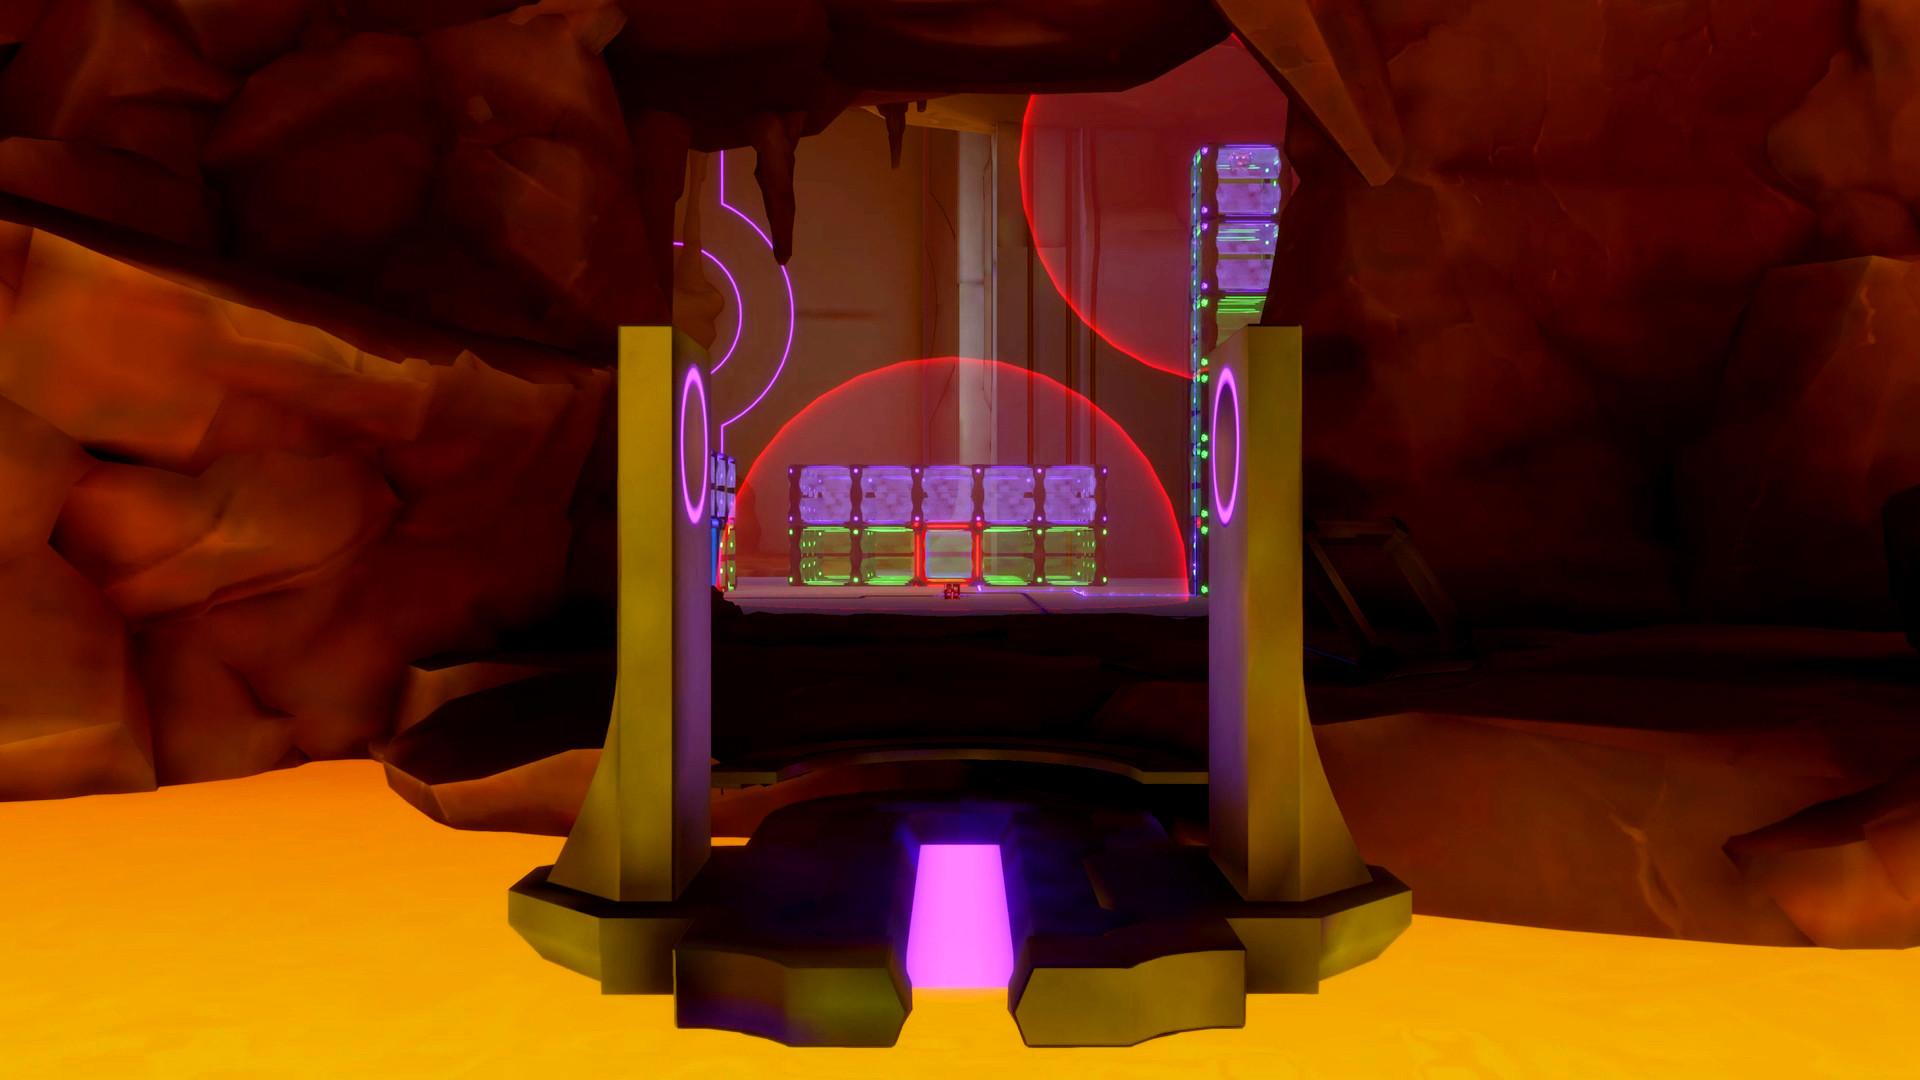 DeMagnete VR Free Download